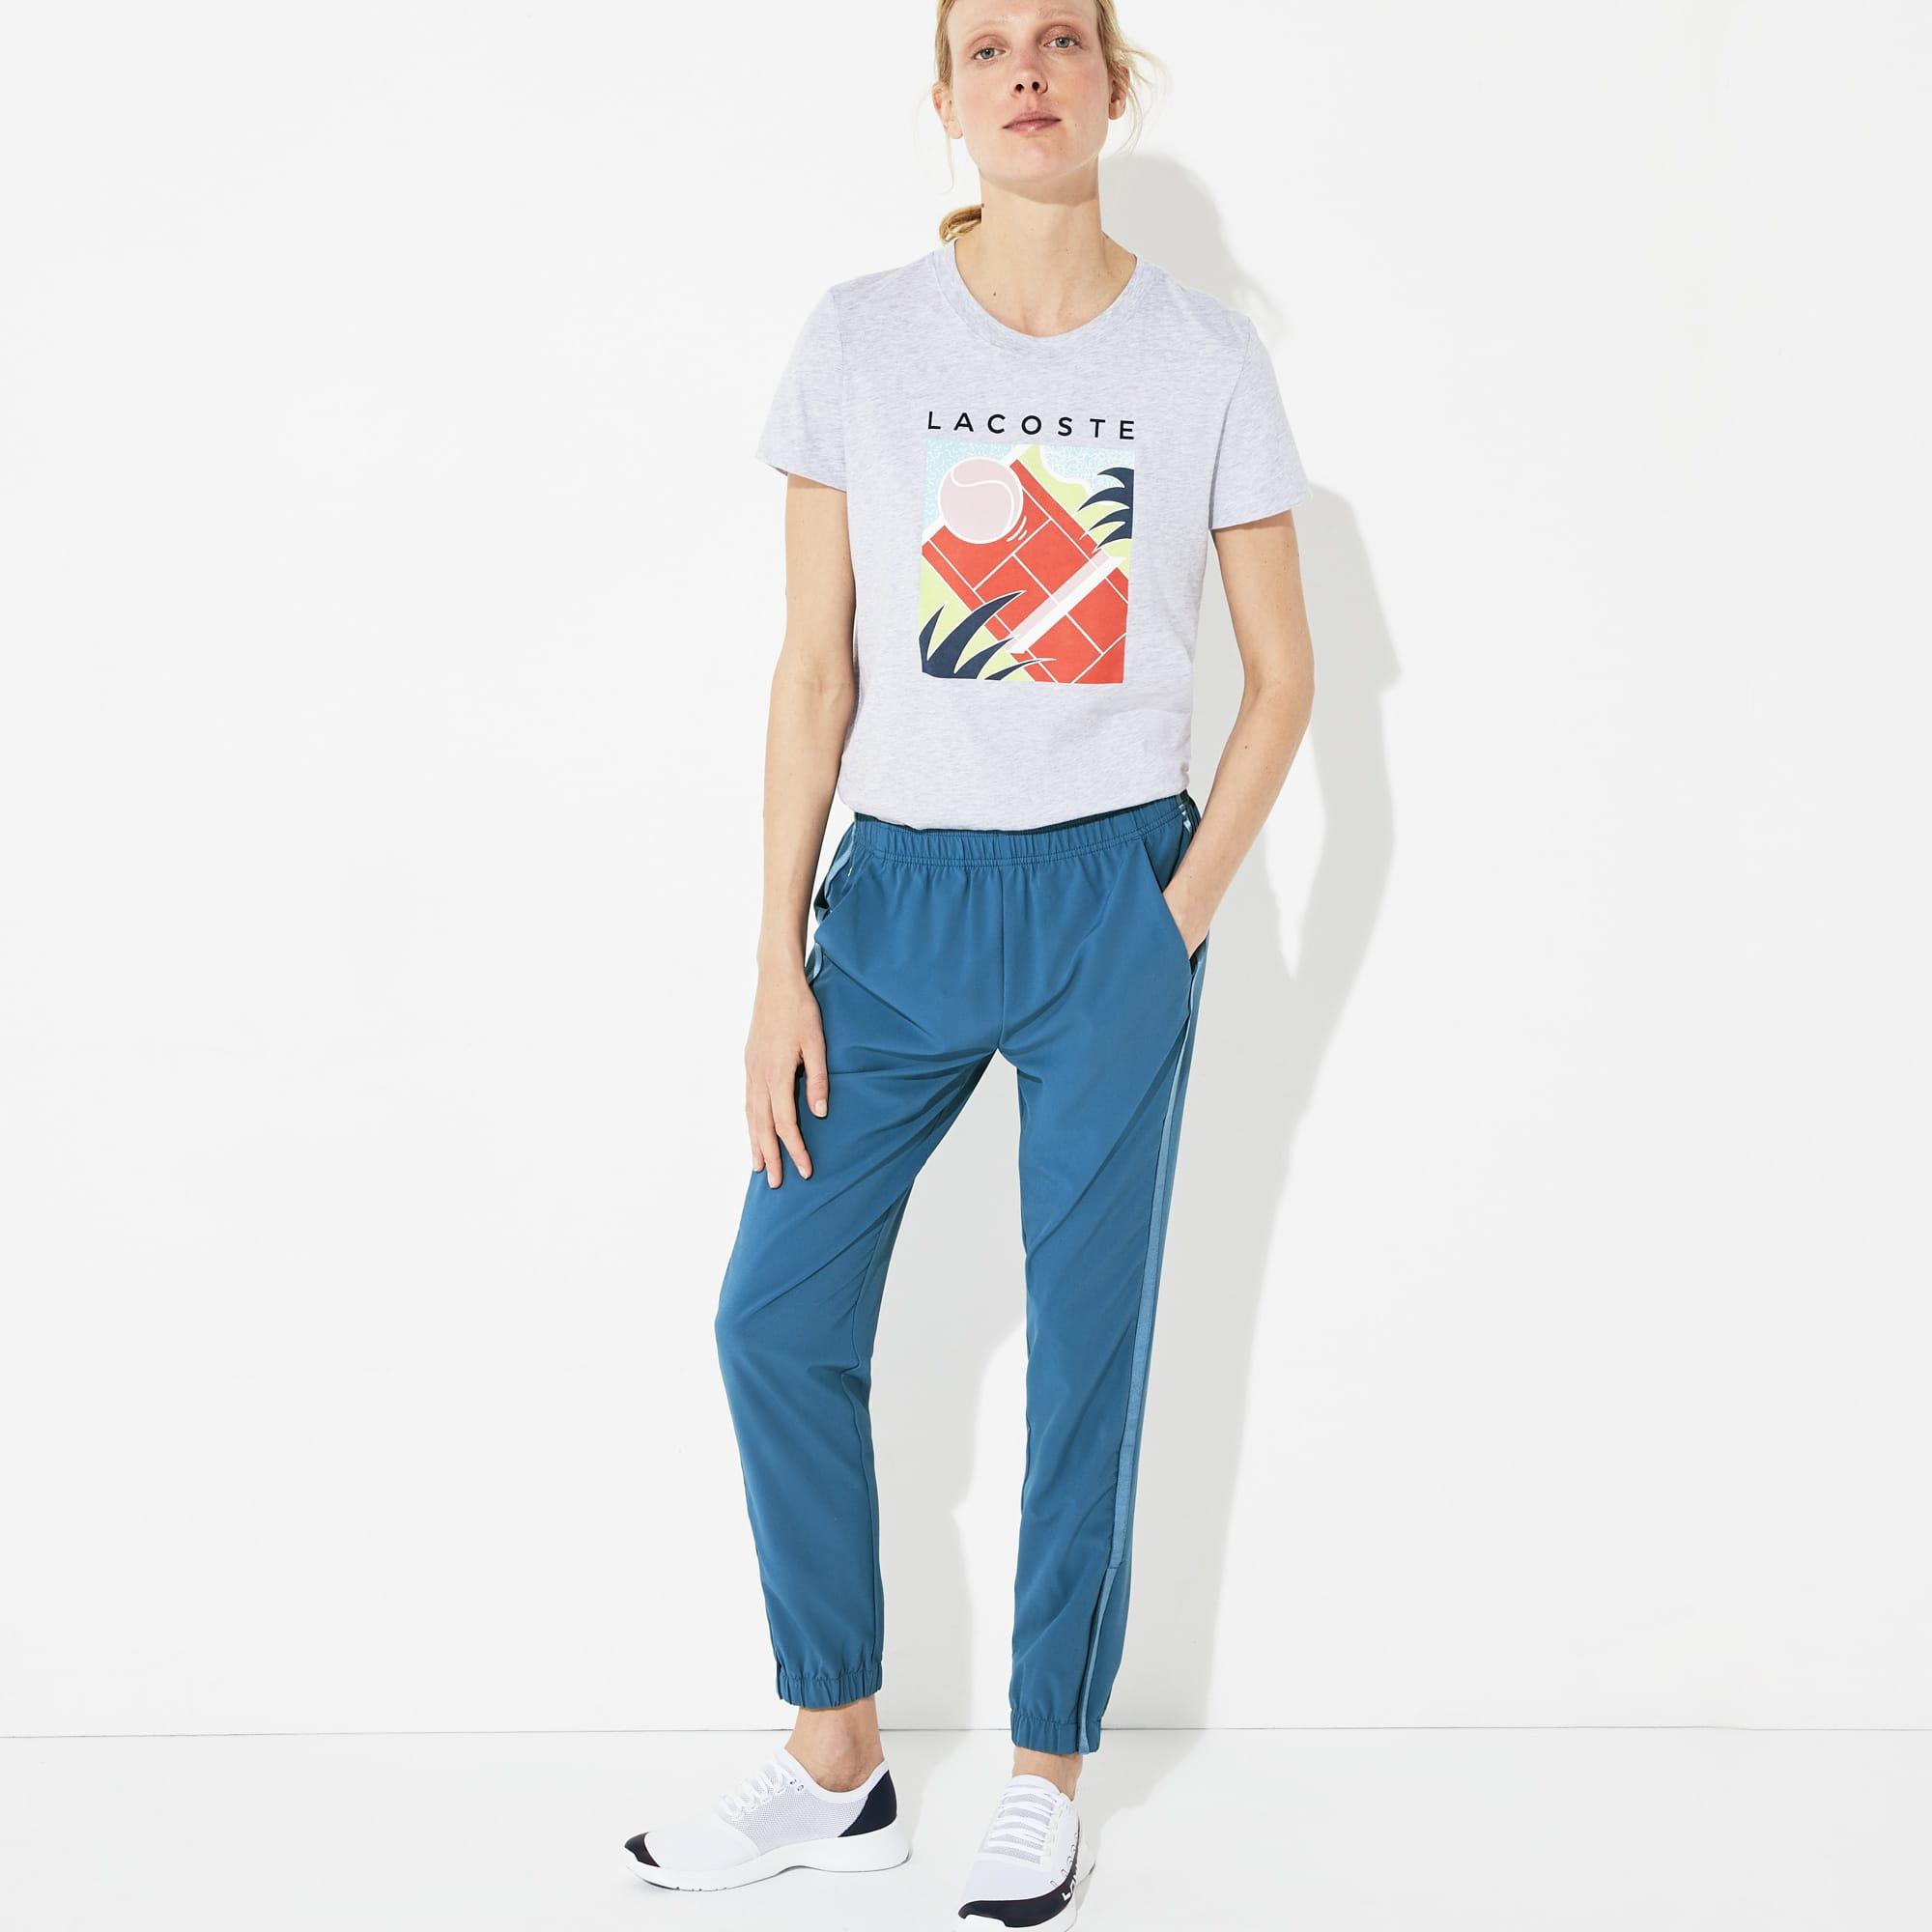 84139330f Pants and Shorts